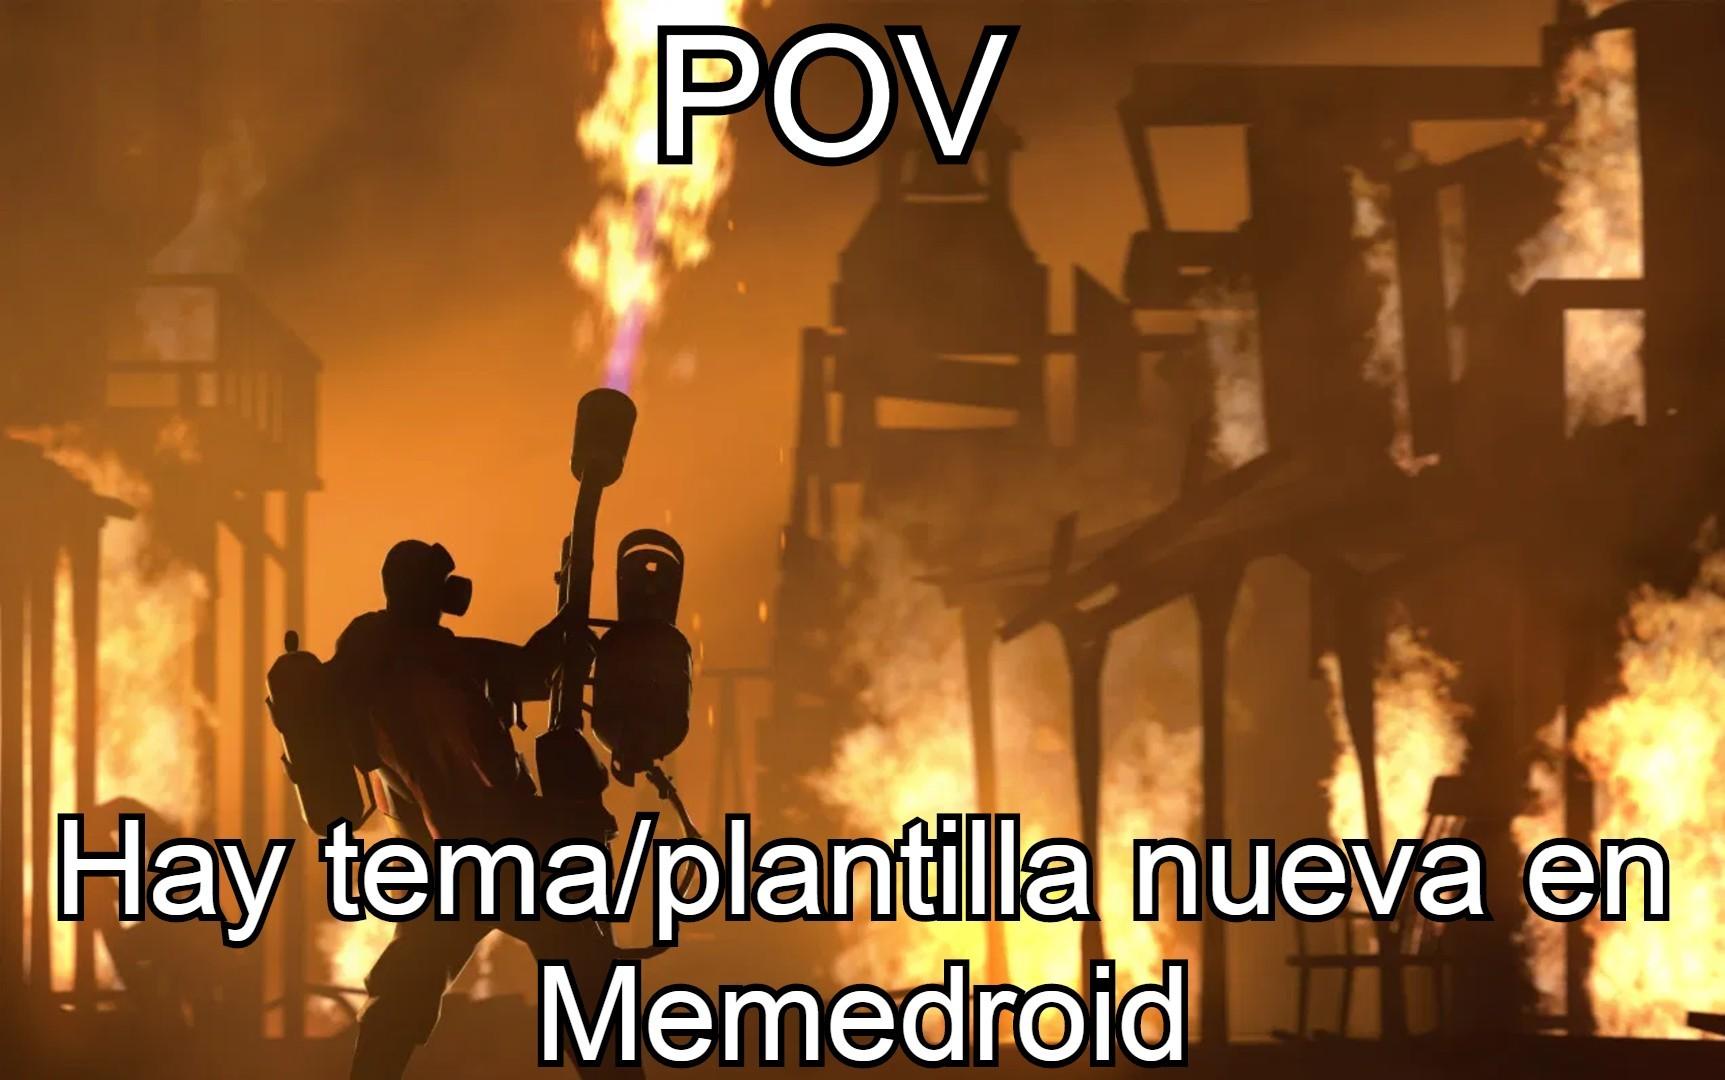 Creo que los memes de POV están muertos, pero da igual, aquí uno